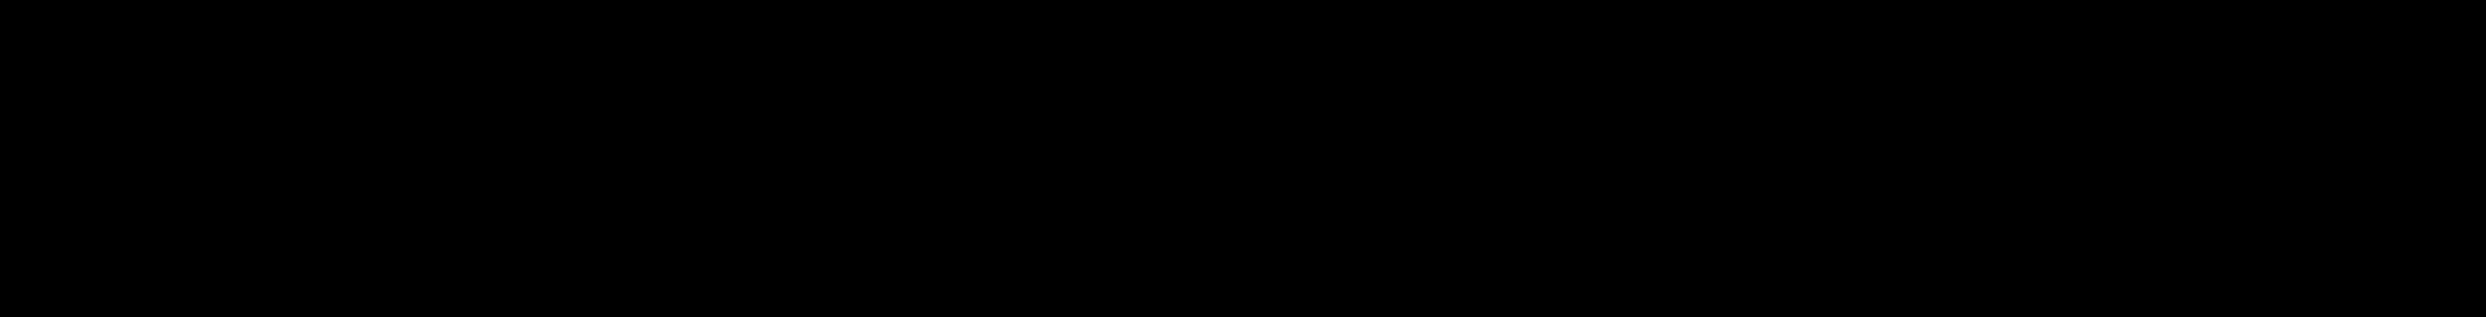 Logotipo de Loblaw Digital